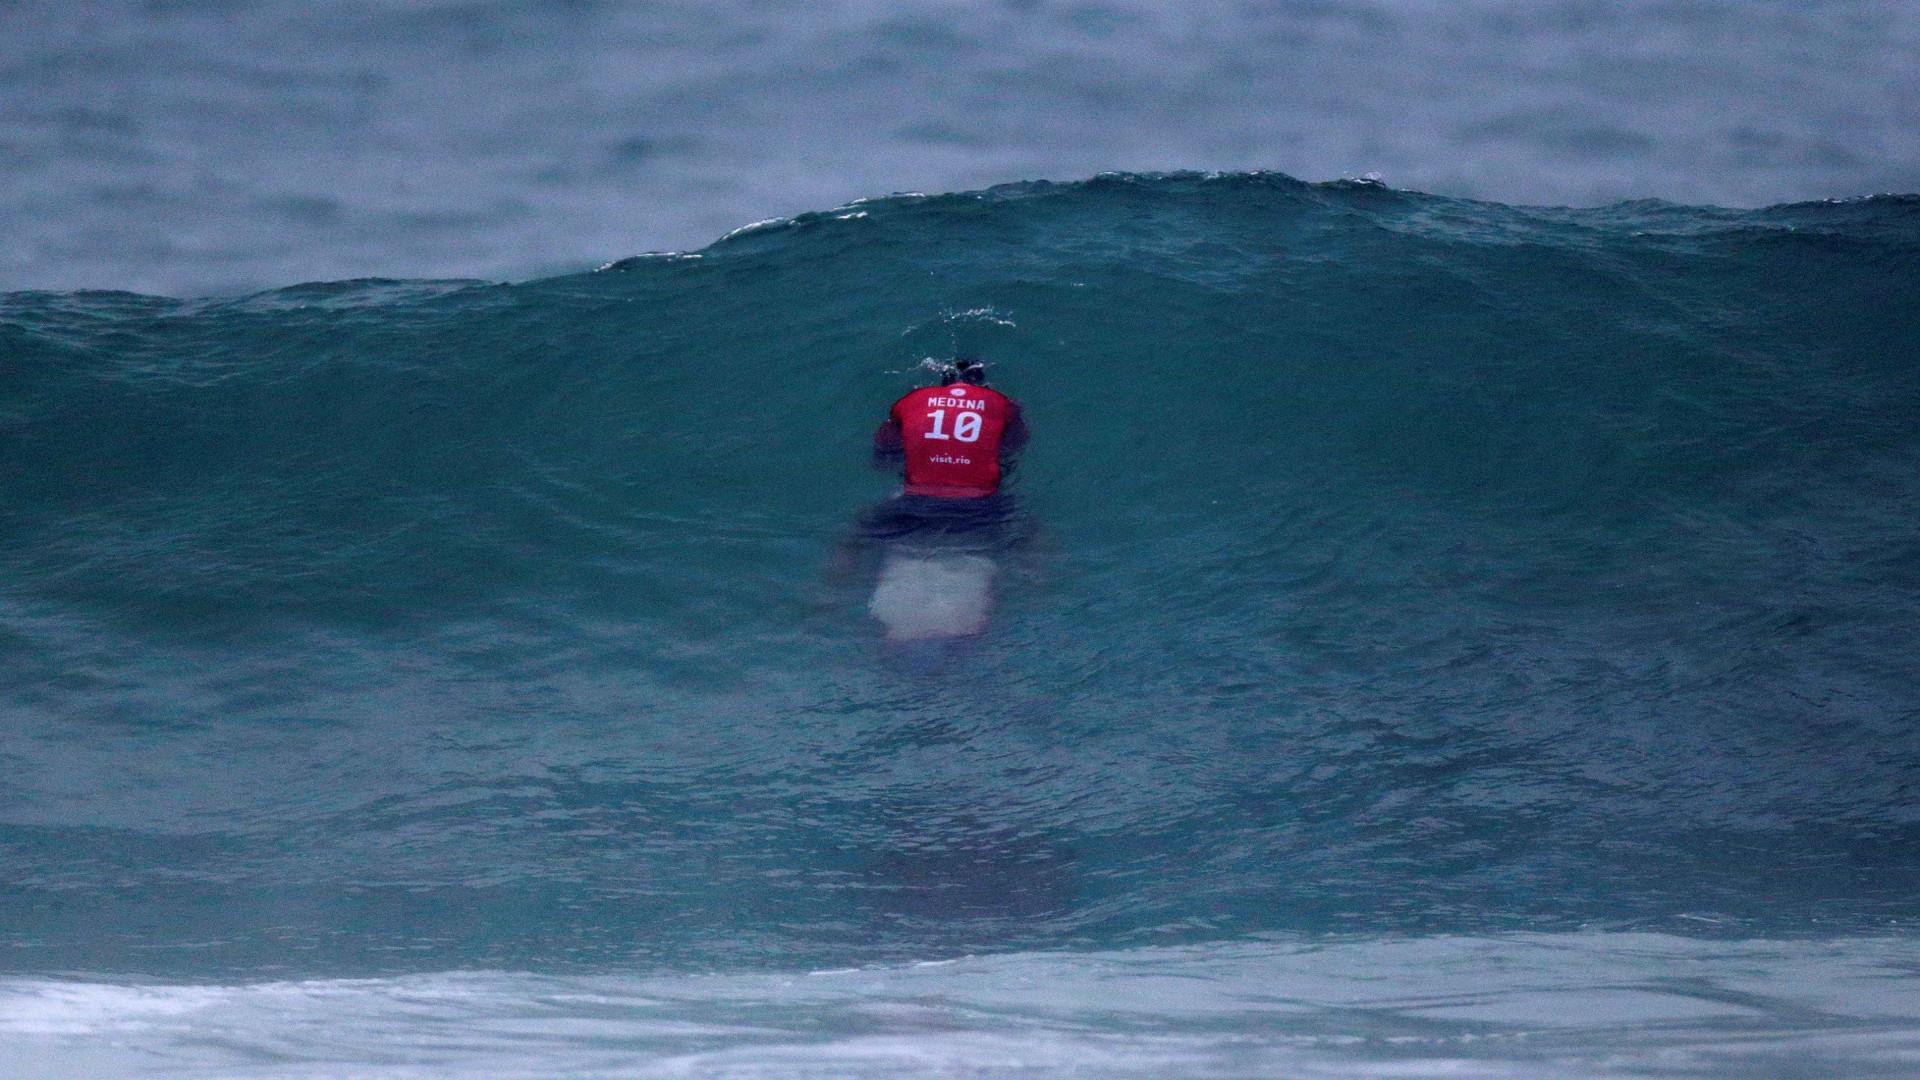 Medina consegue onda salvadora e segue na briga na etapa do Taiti